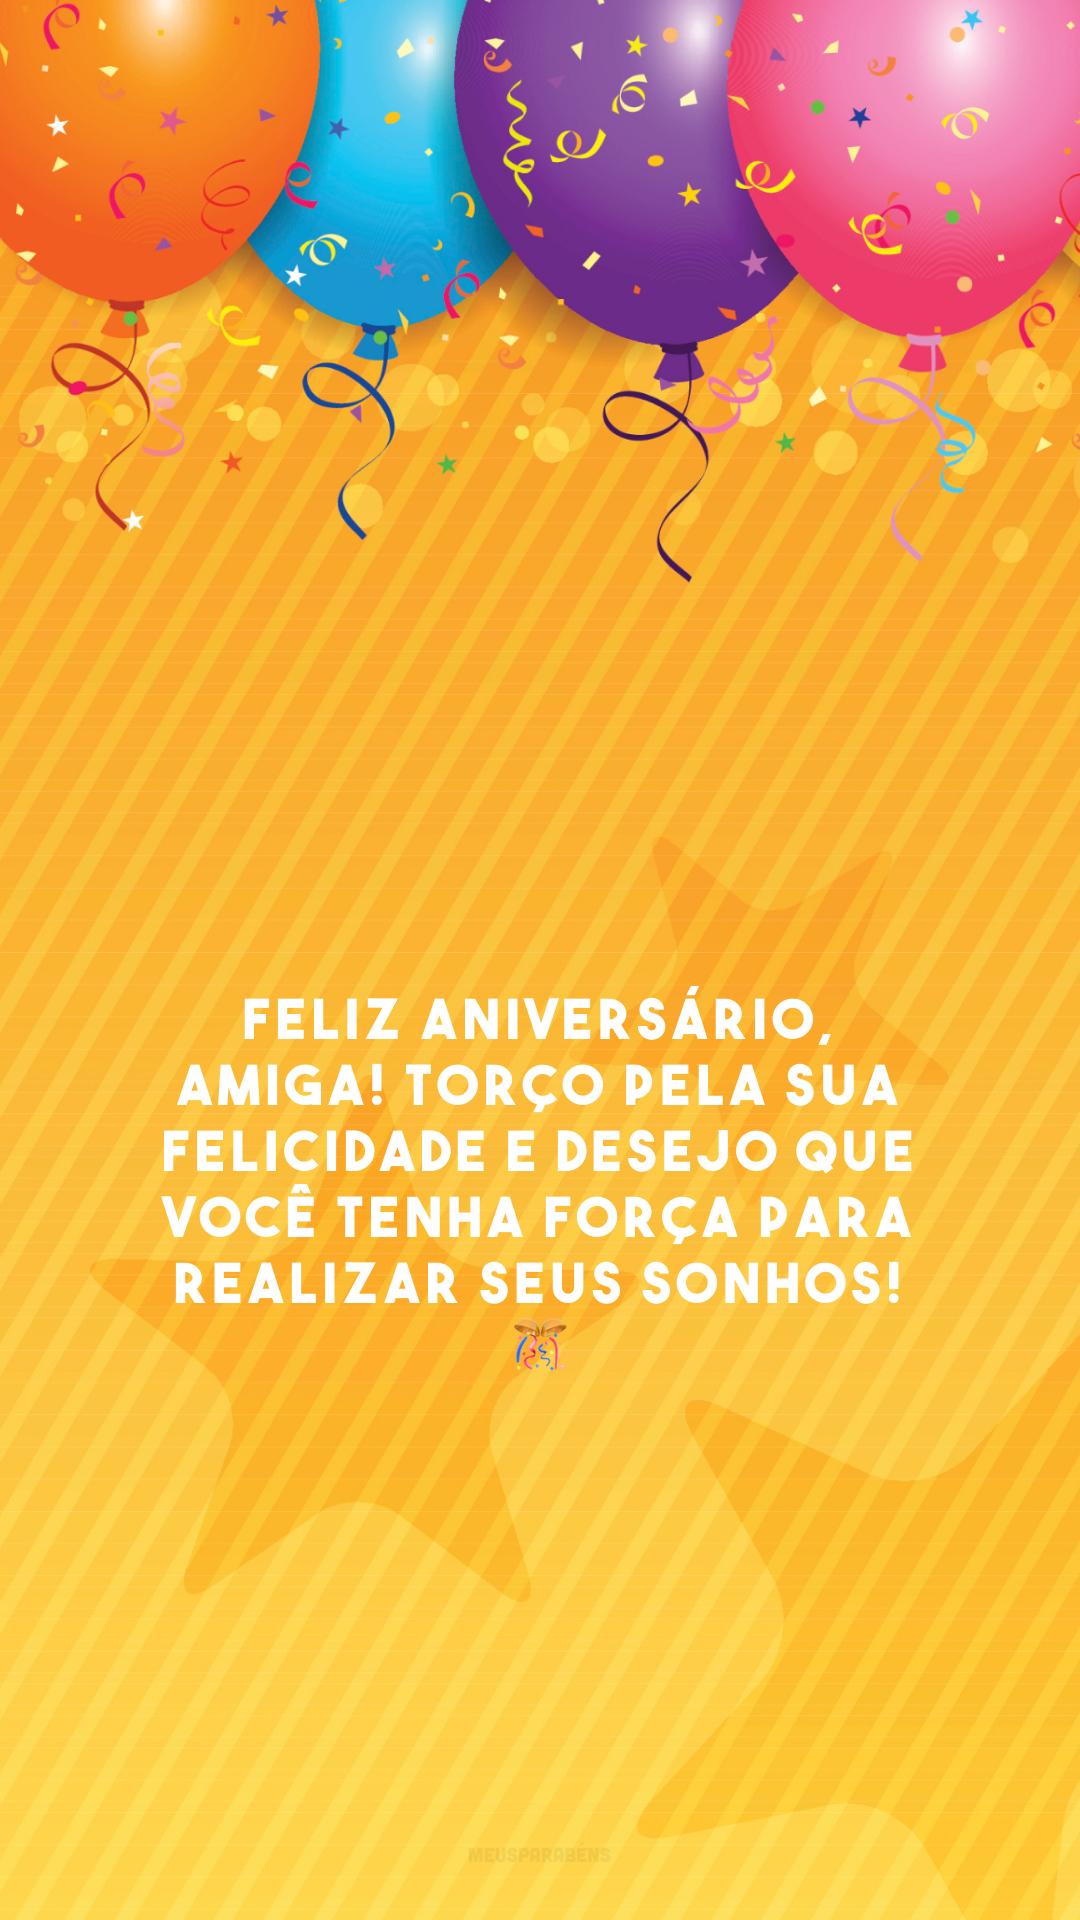 Feliz aniversário, amiga! Torço pela sua felicidade e desejo que você tenha força para realizar seus sonhos! 🎊